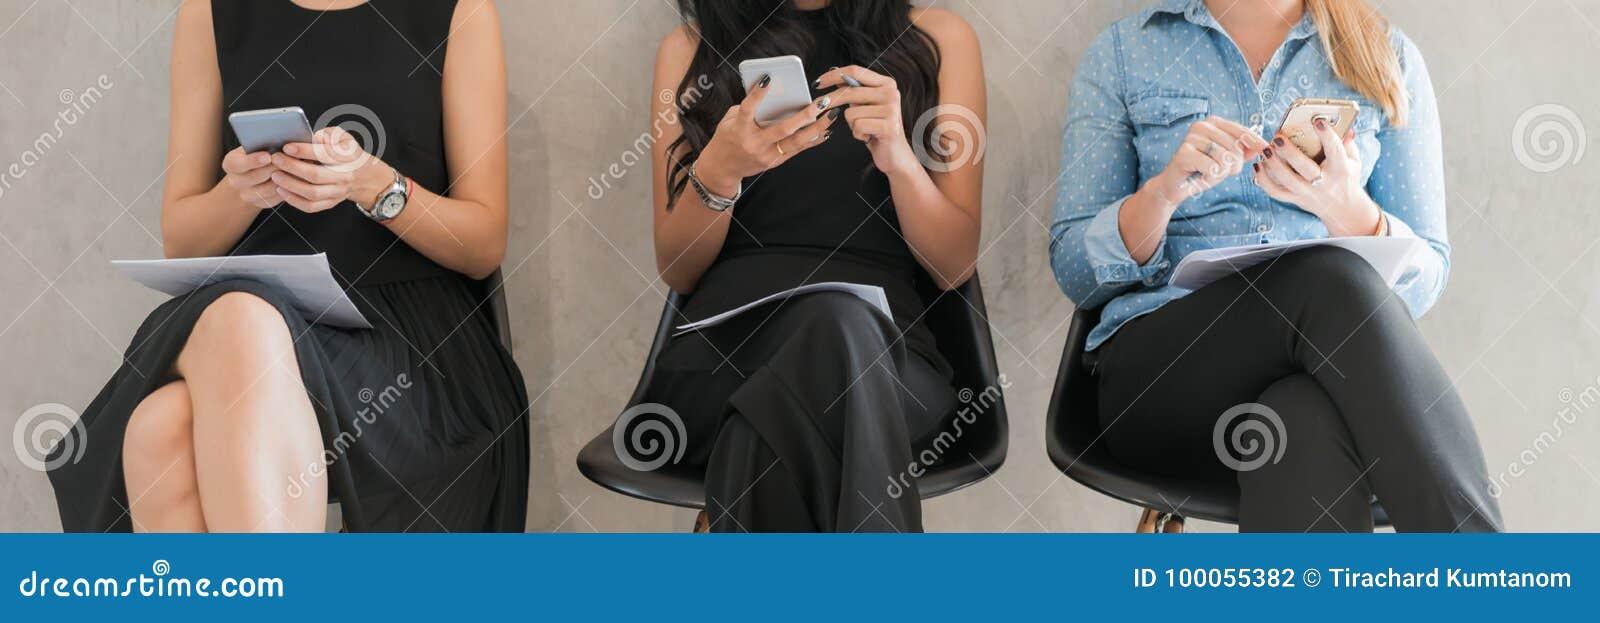 Amigos adultos dos modernos do grupo que sentam Sofa Using Modern Gadgets Conceito dos trabalhos de equipa da amizade da partida